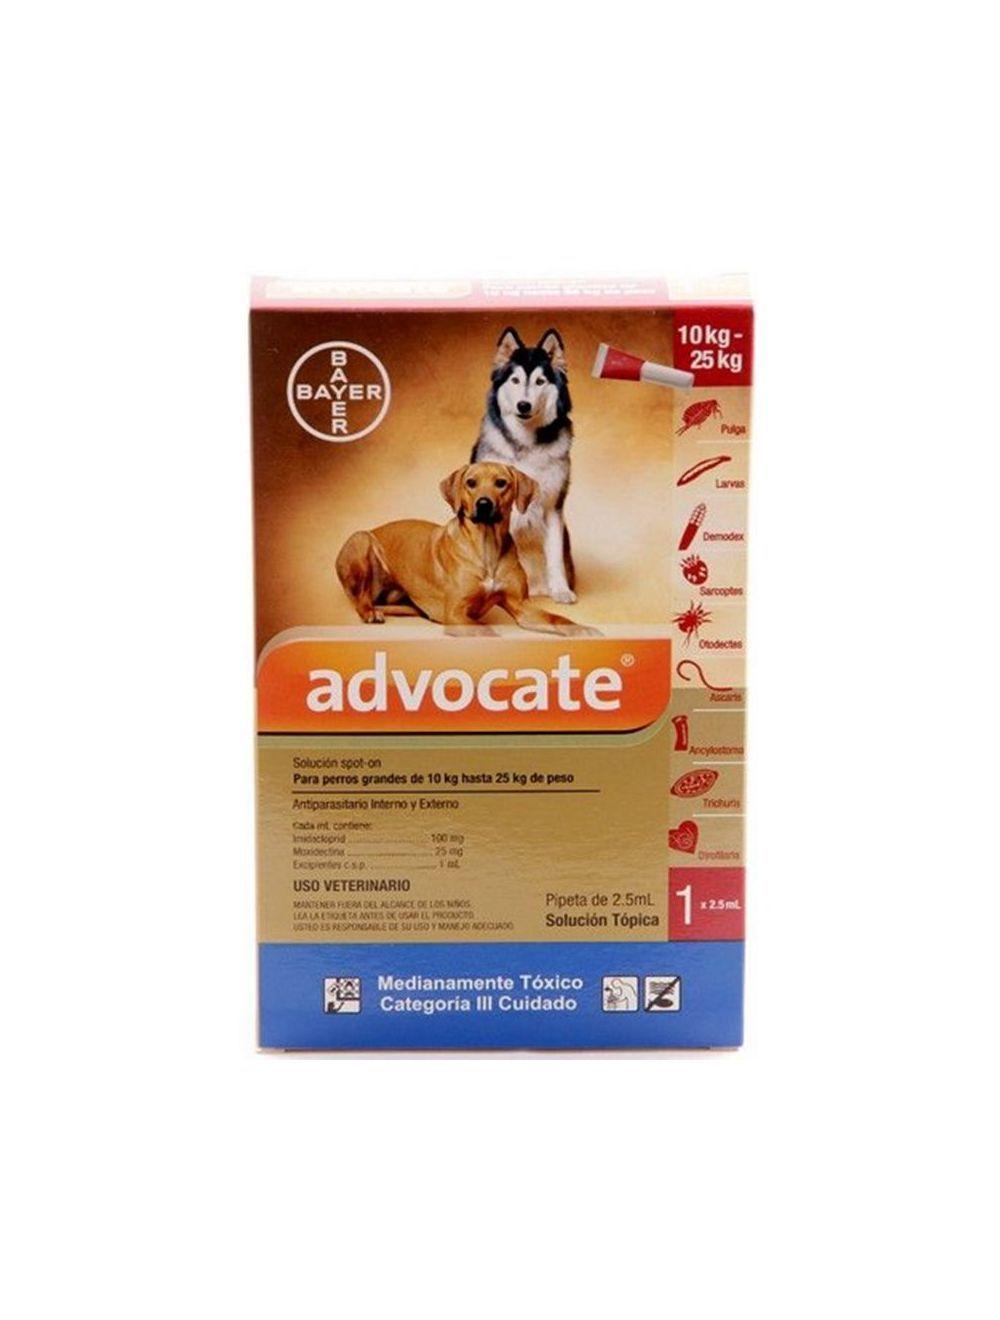 Advocate Pipeta para Perros de más de 10 kg hasta 25 kg